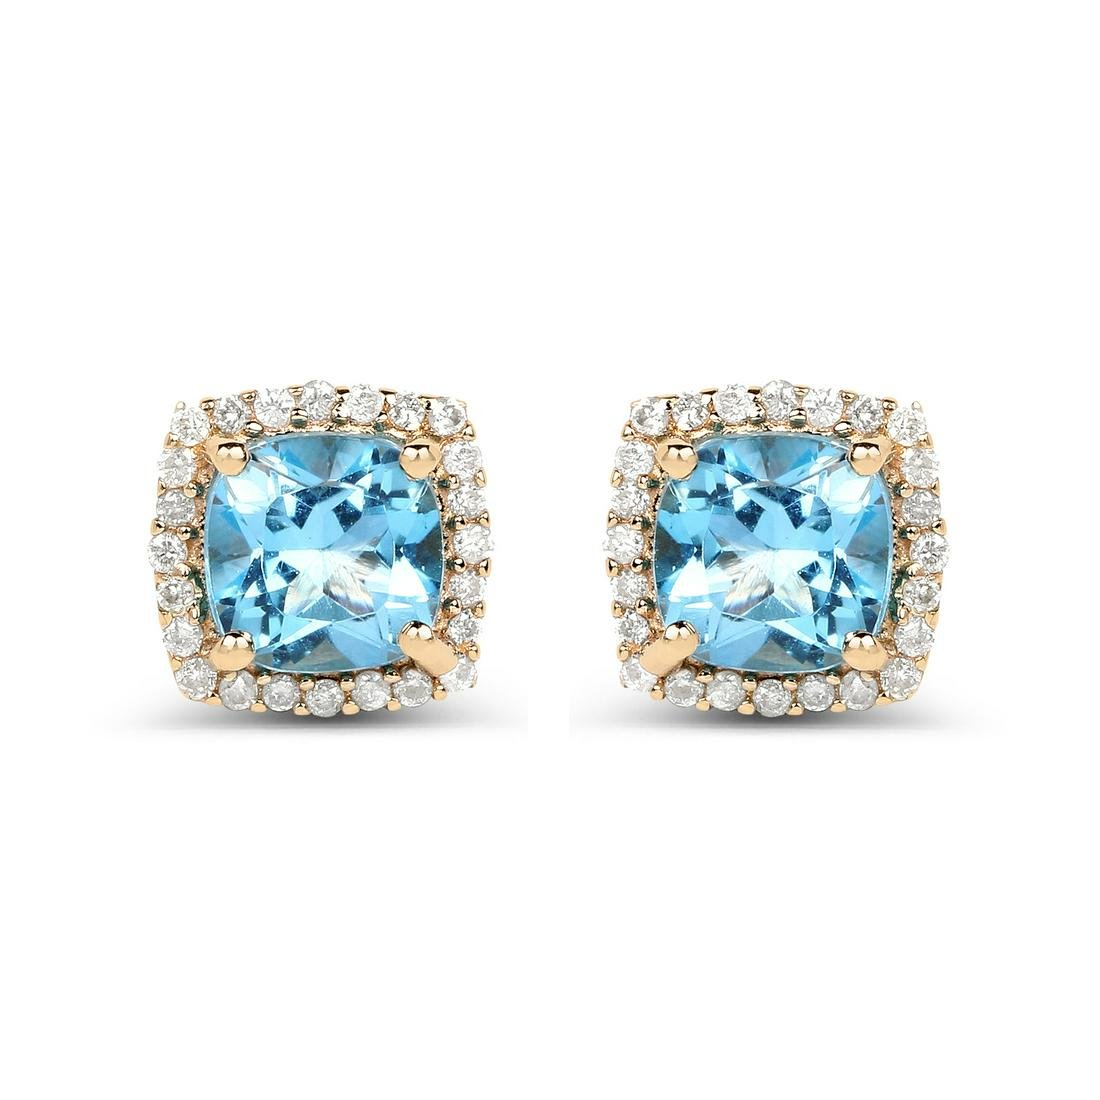 1.58 ctw Swiss Blue Topaz & Diamond Earrings 14K Yellow